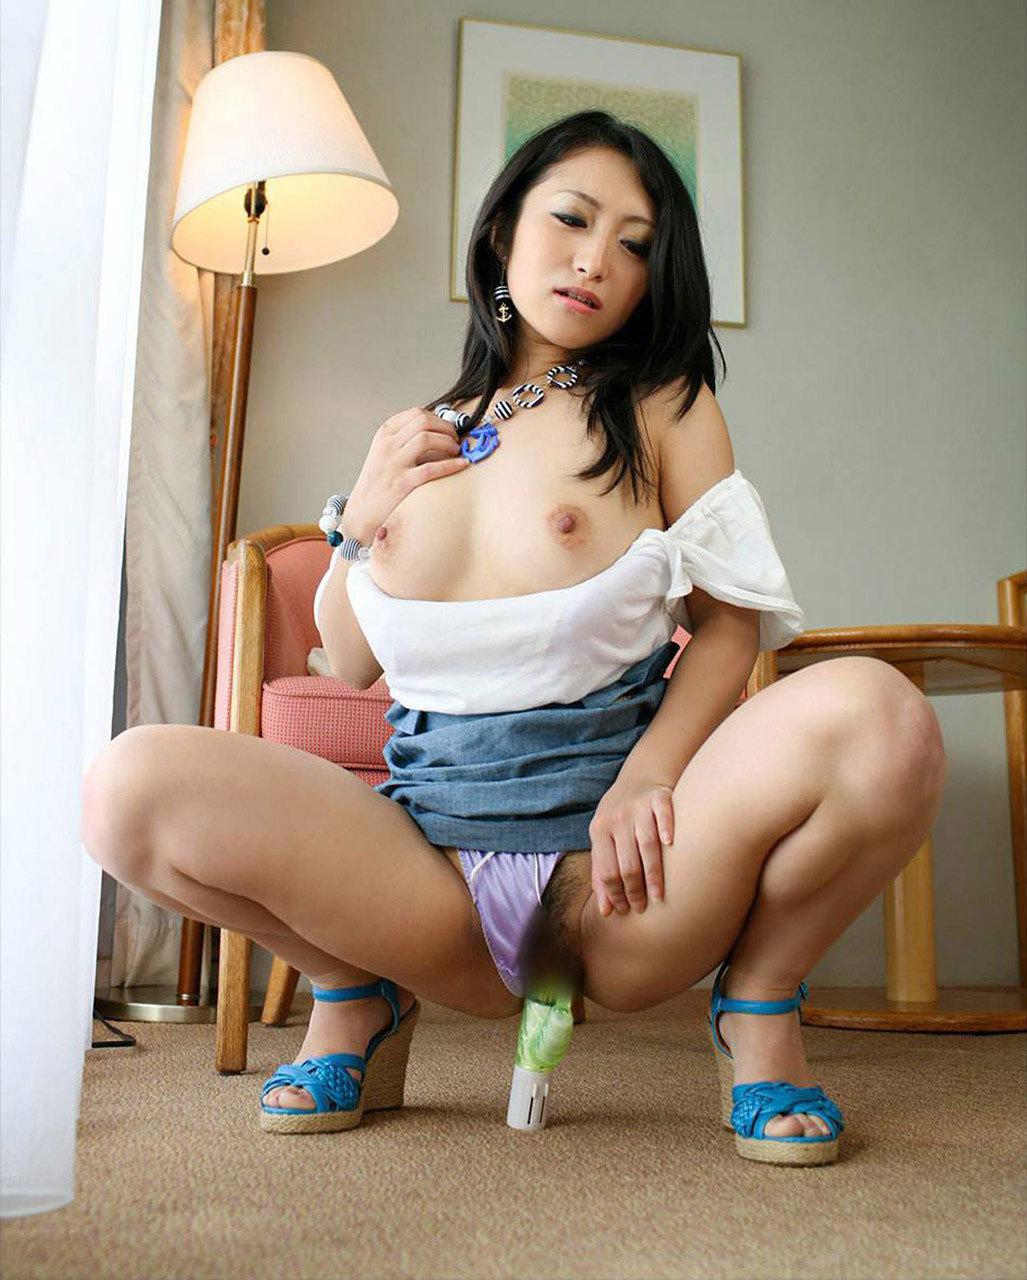 【素人動画】フェラ弩麗娘 なみえ22歳 口内発射 ごっくん【スマホ撮影】